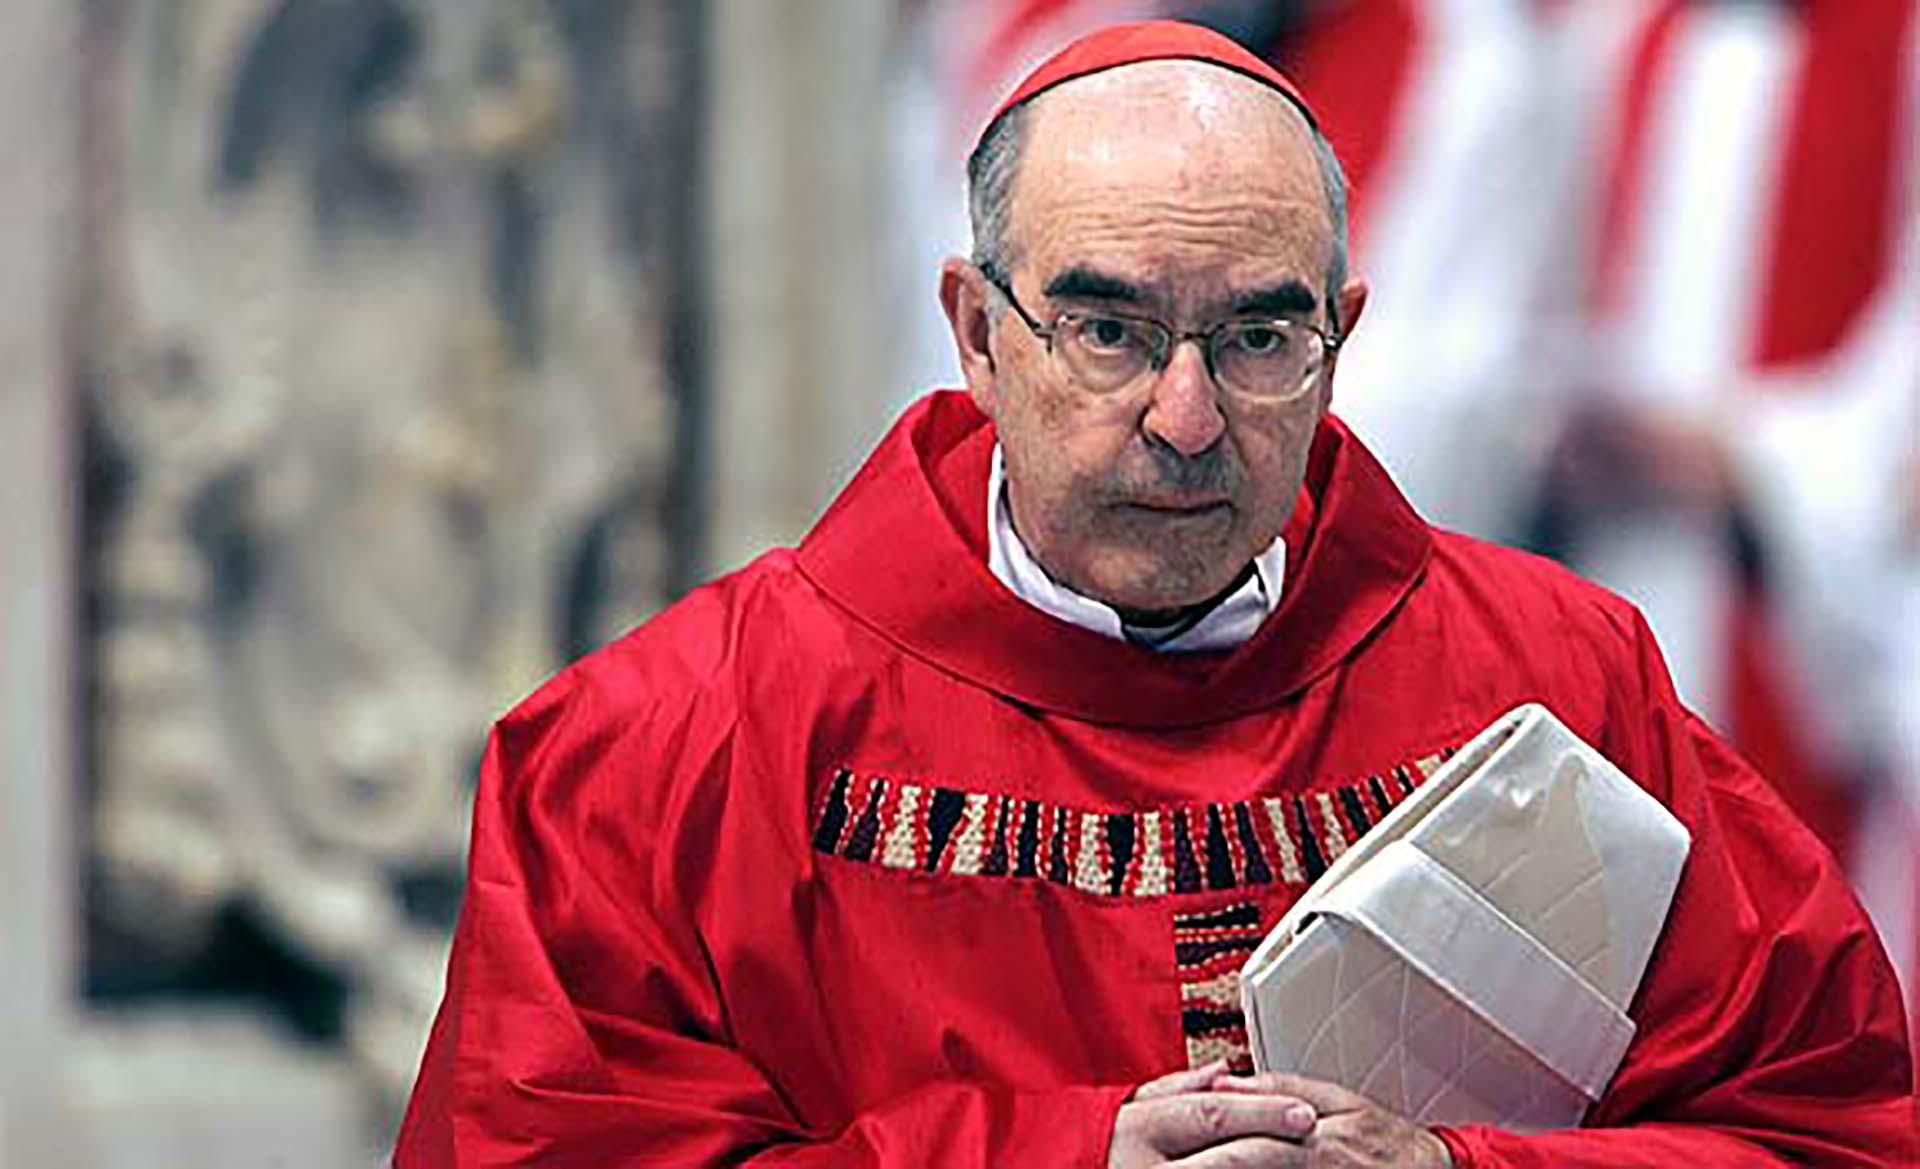 El cardenal Alfonso López Trujillo fue presidente del Pontificio Consejo para la Familia del Vaticano hasta su muerte en Roma en 2008. (Foto AFP)